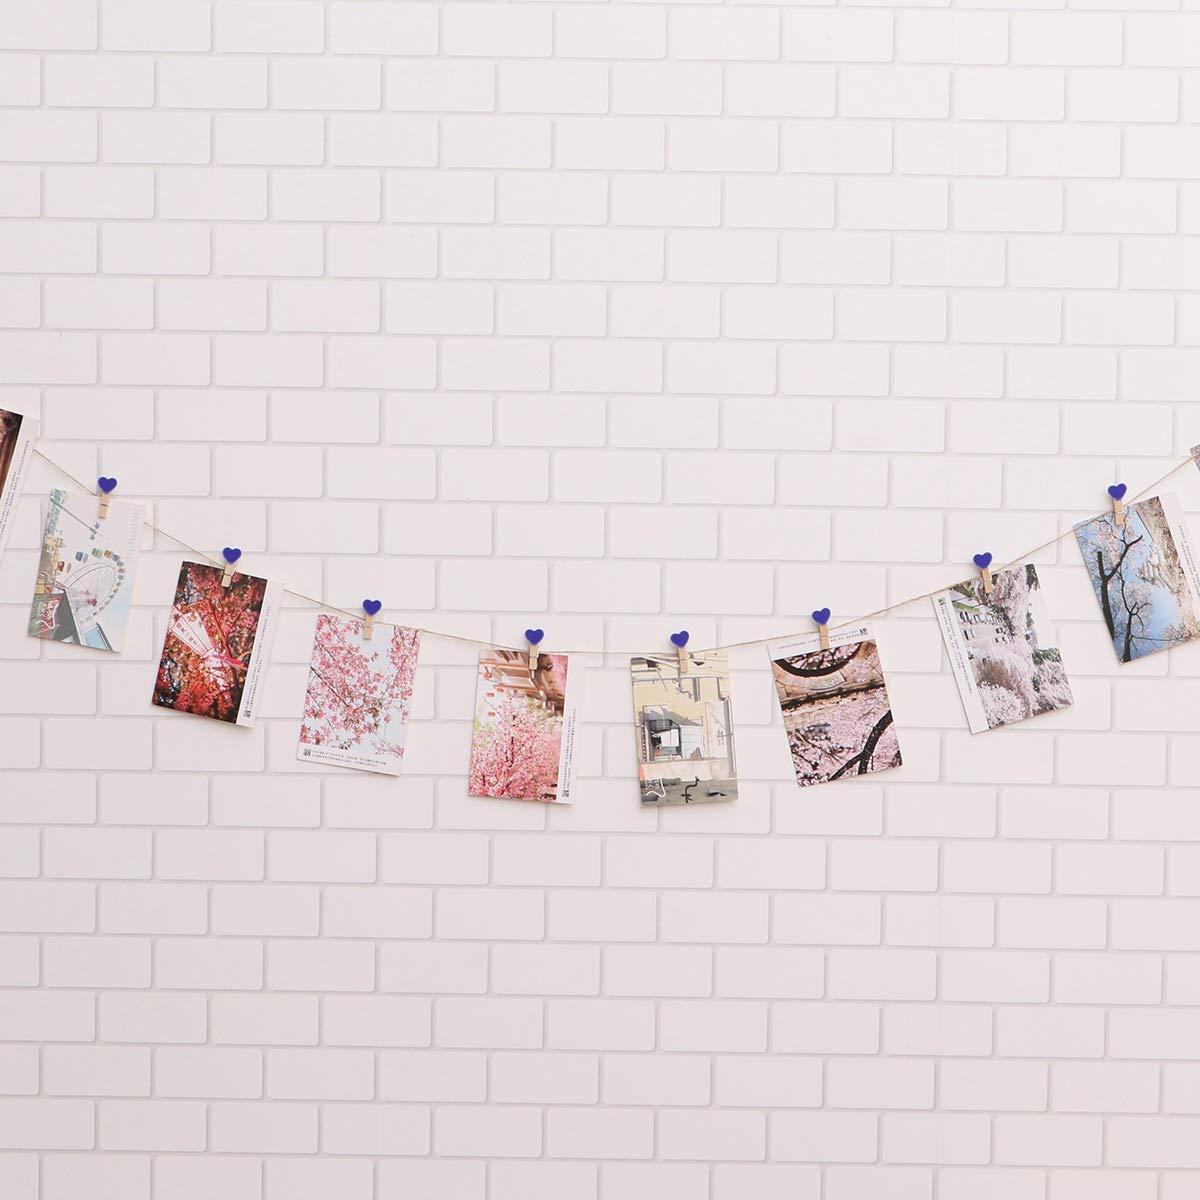 Amosfun Mollette in Legno 30 Pezzi a Forma di Cuori per Foto con Corda